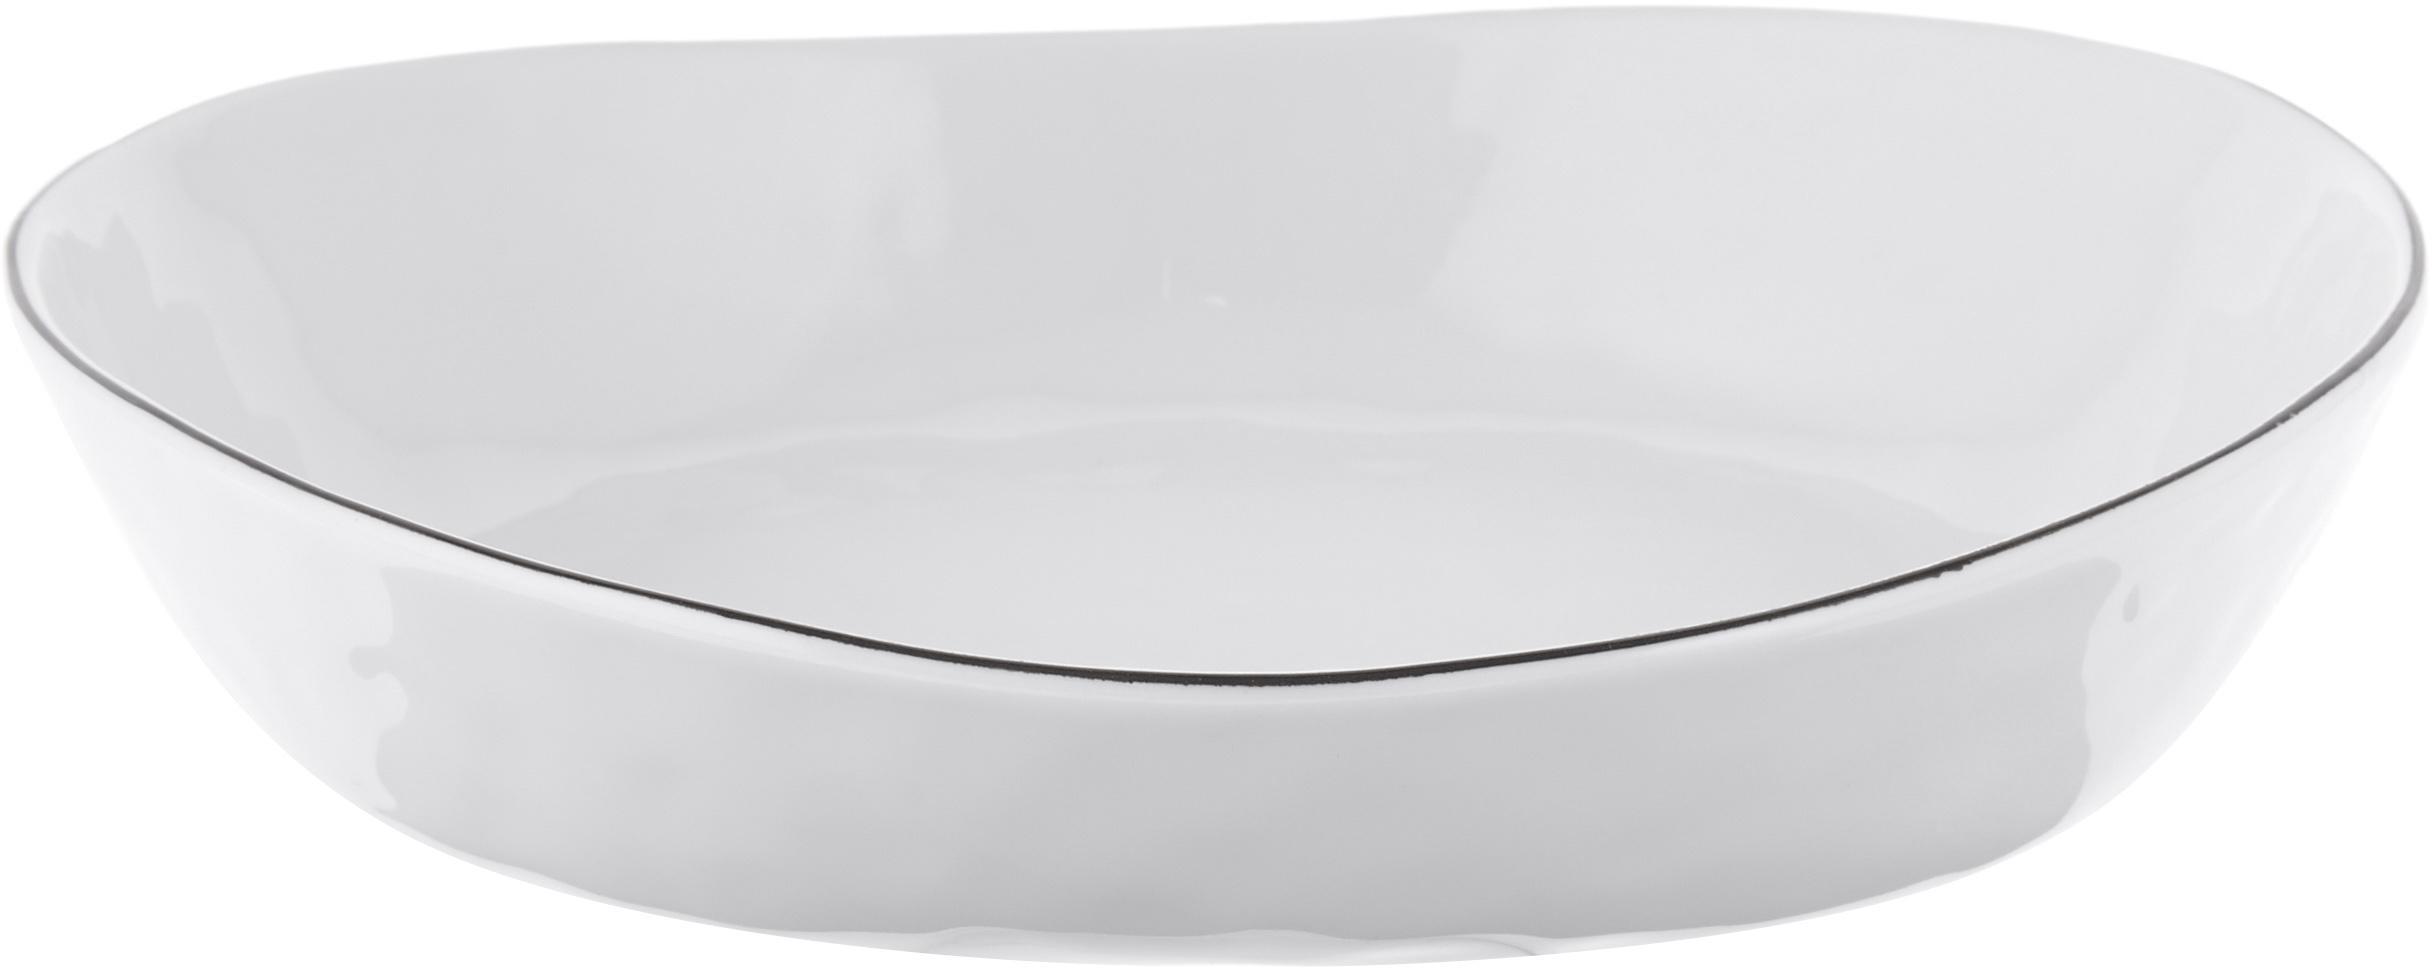 Handgemachte Servierschalen Salt Ø 20 cm mit schwarzem Rand, 2 Stück, Porzellan, Gebrochenes Weiß, Schwarz, 20 x 4 cm